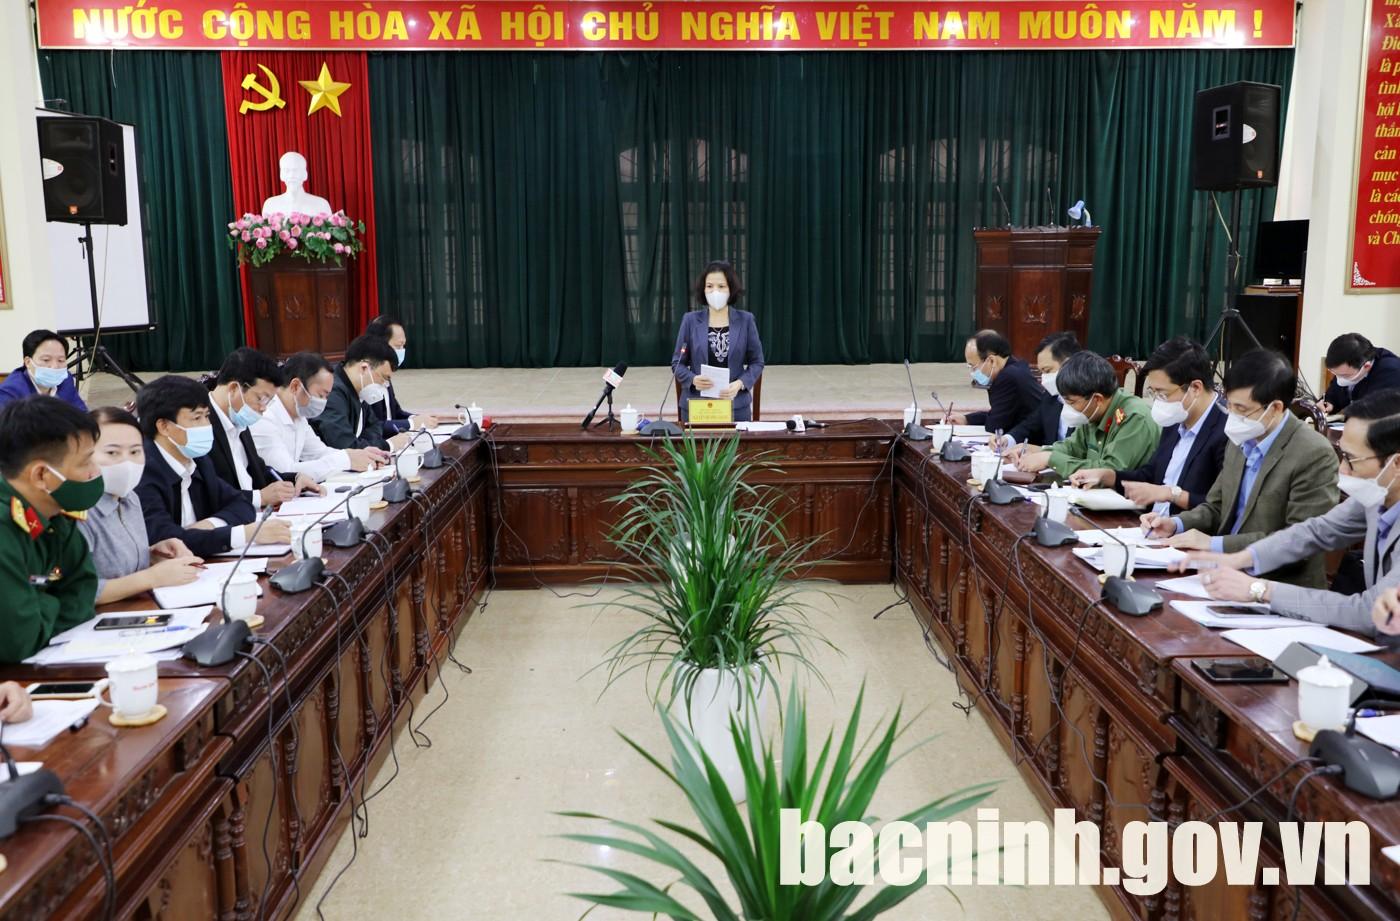 Chủ tịch UBND tỉnh làm việc với huyện Quế Võ về công tác phòng, chống dịch Covid-19 trên địa bàn